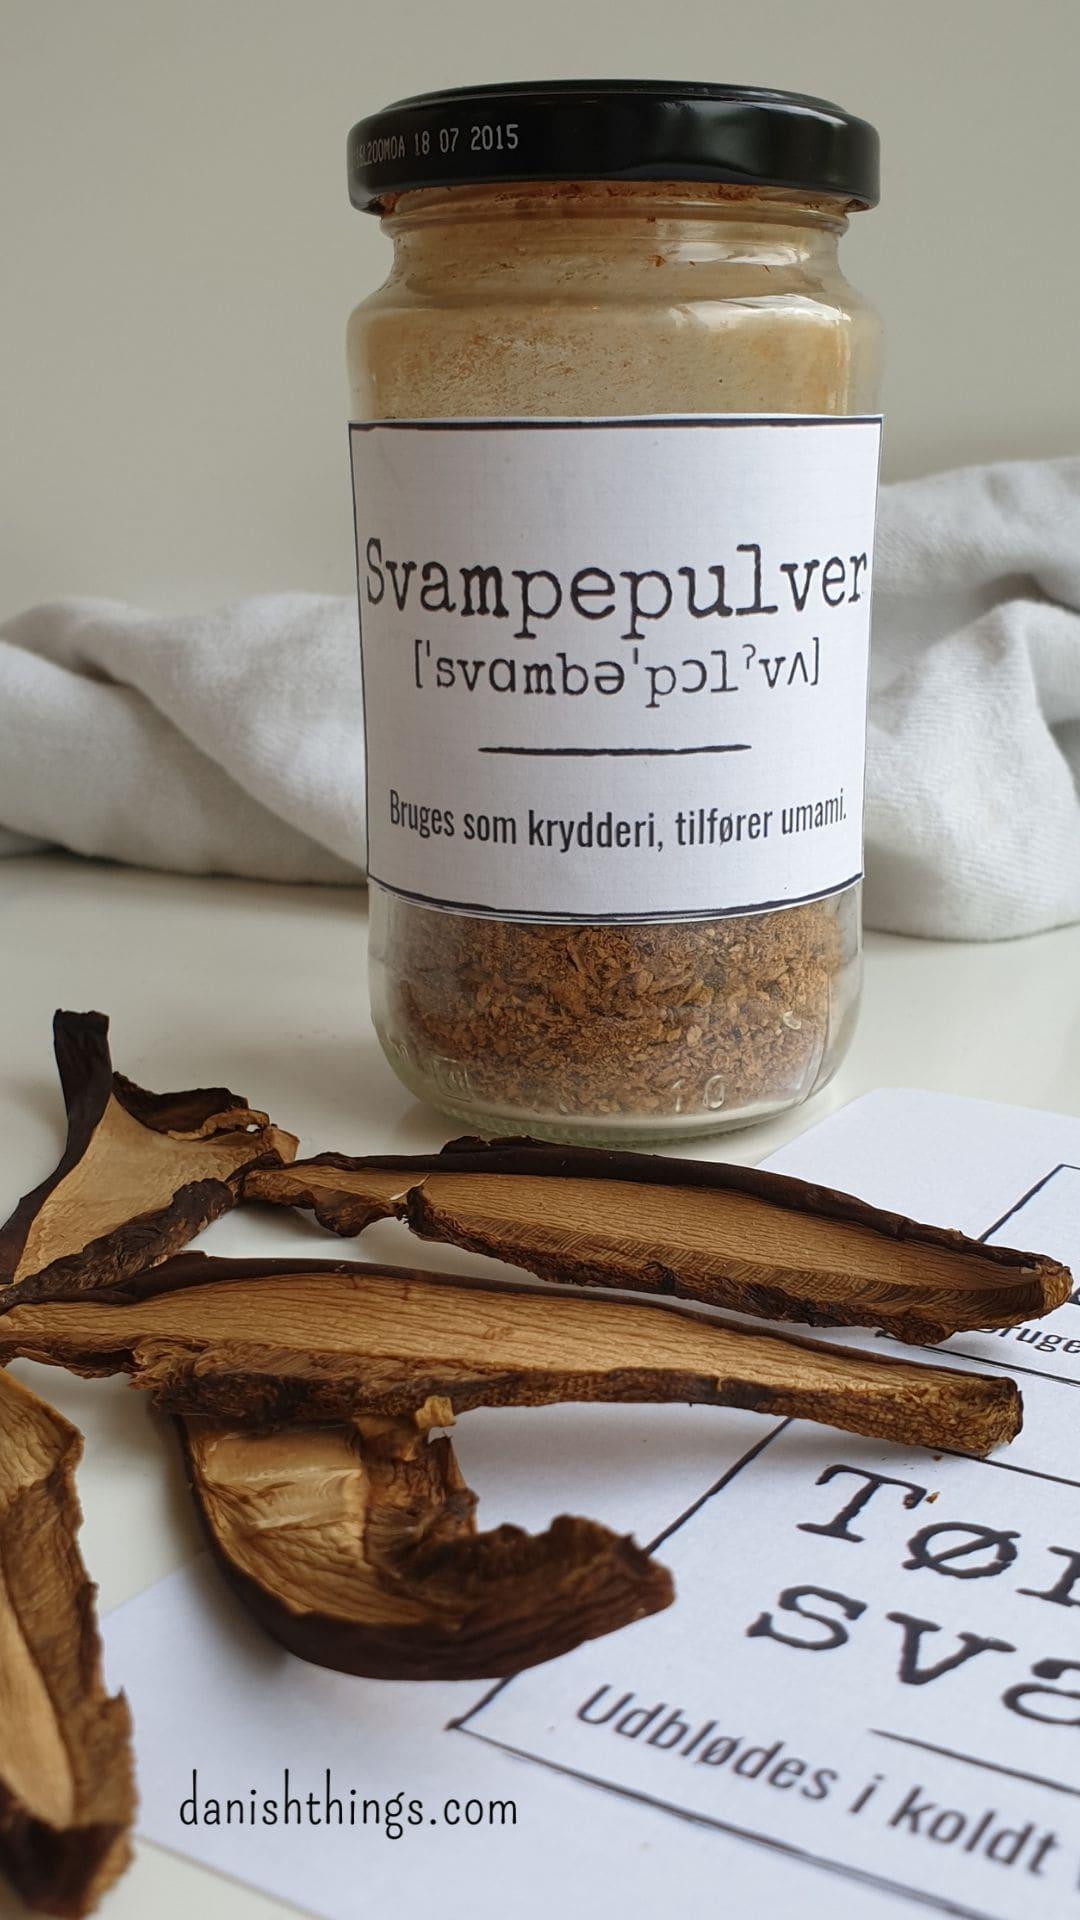 Sådan laver du tørrede svampe. Efterår er svampetid – tør dine svampe og gem dem til senere. Lav et svampepulver, som tilfører masser af umami til dine vegetarretter. Find opskrifter og inspiration til årets gang på danishthings.com